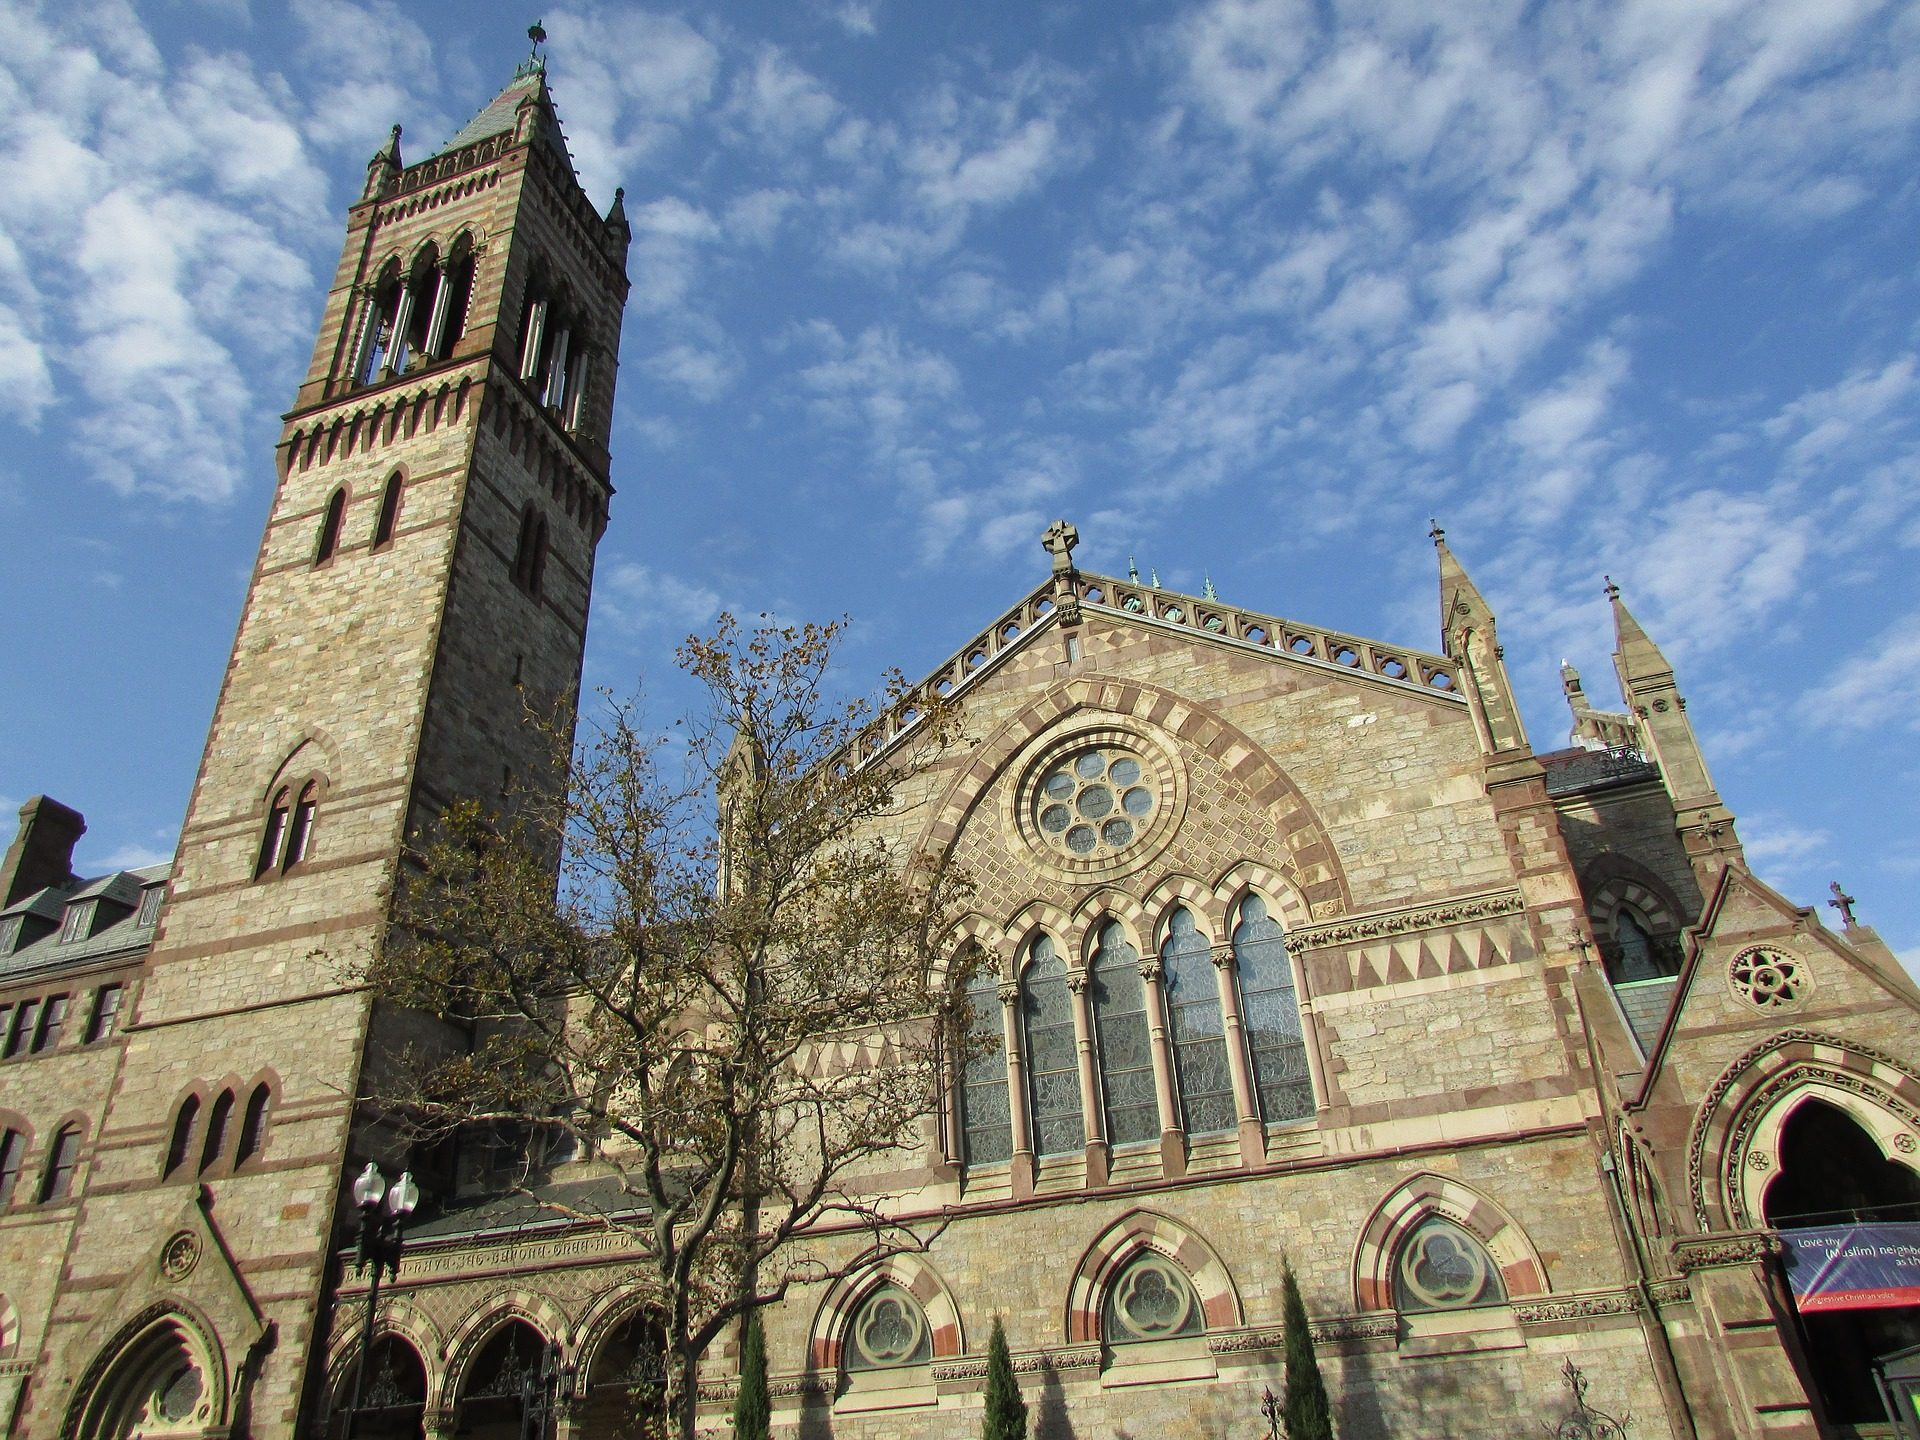 Igreja, Catedral, edifício, arquitetura, velho, religião - Papéis de parede HD - Professor-falken.com